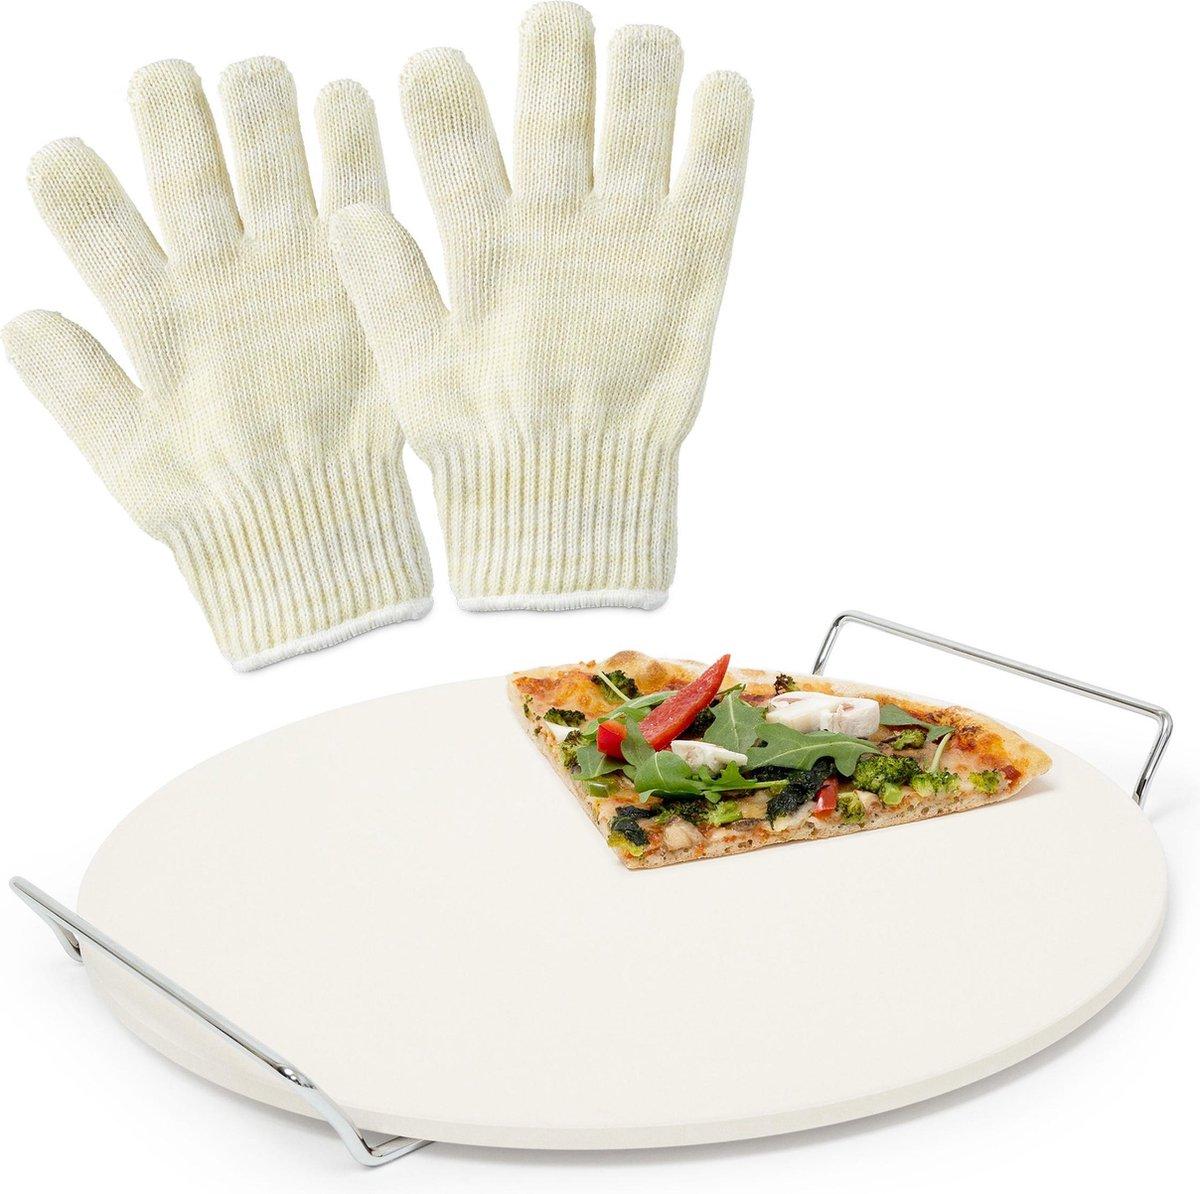 relaxdays 3er pizza set - pizzasteen - ovenhandschoenen - pizzaplaat - barbecuehandschoen